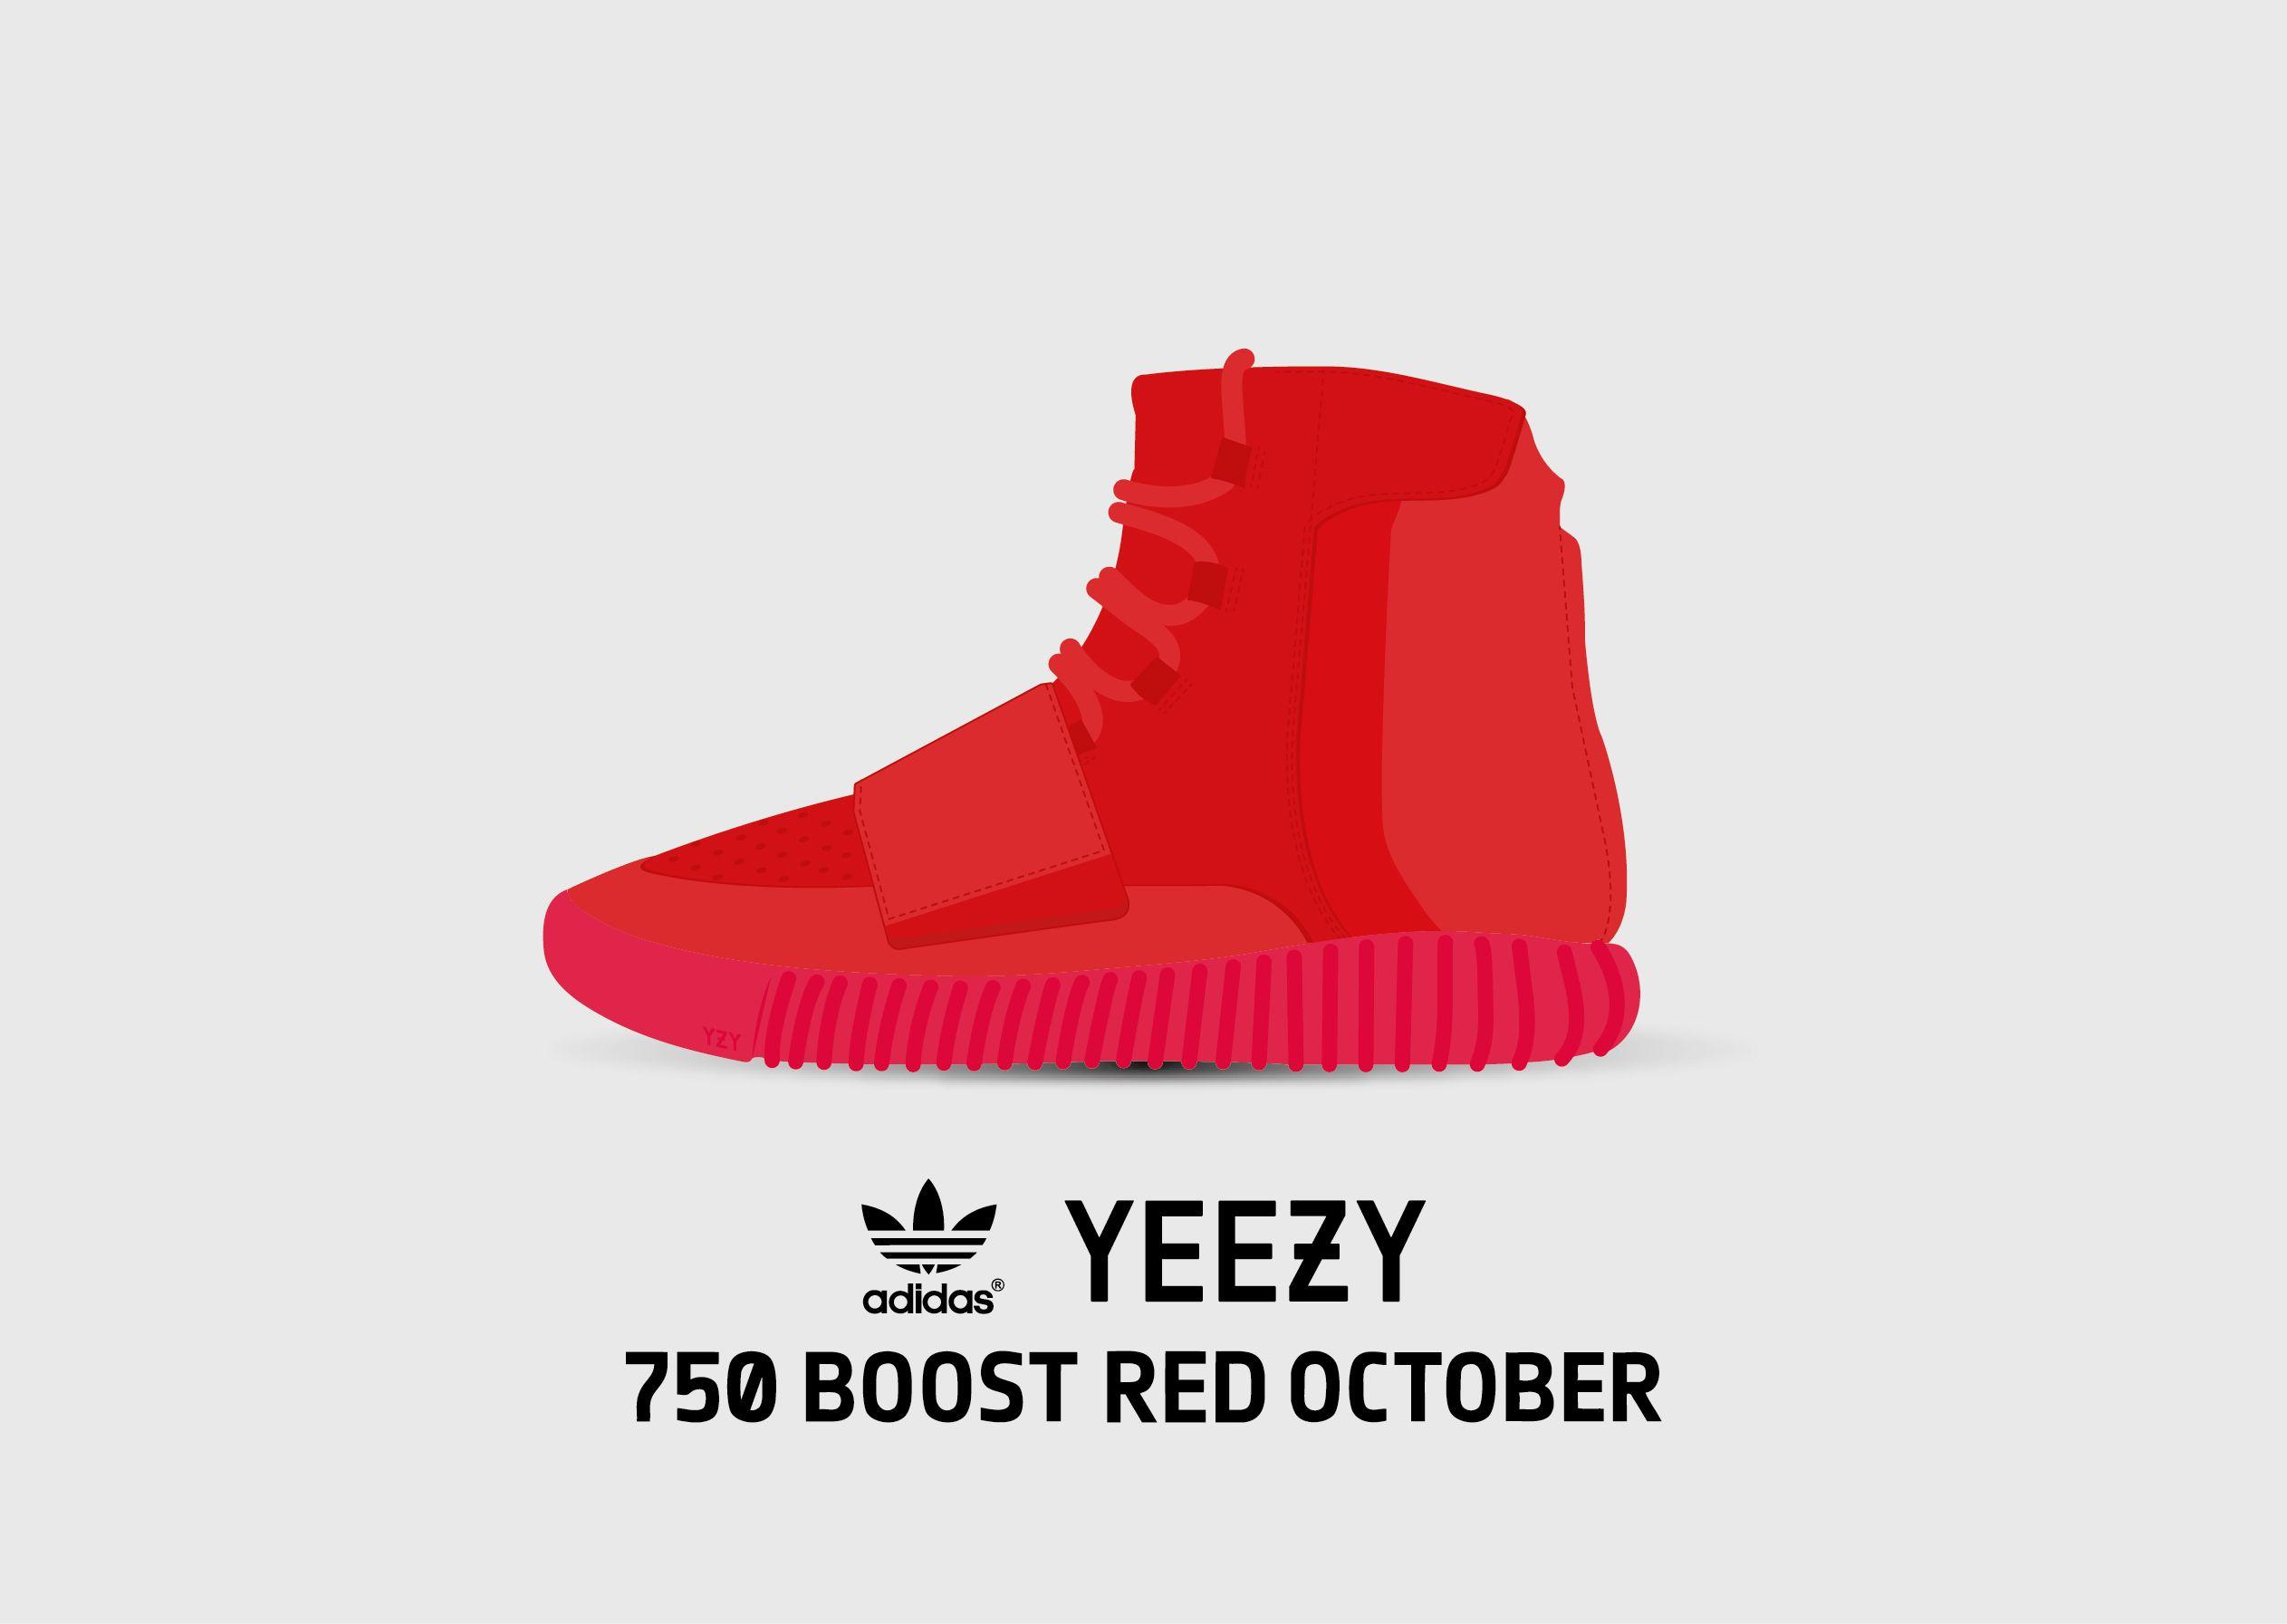 yeezy 750 red october